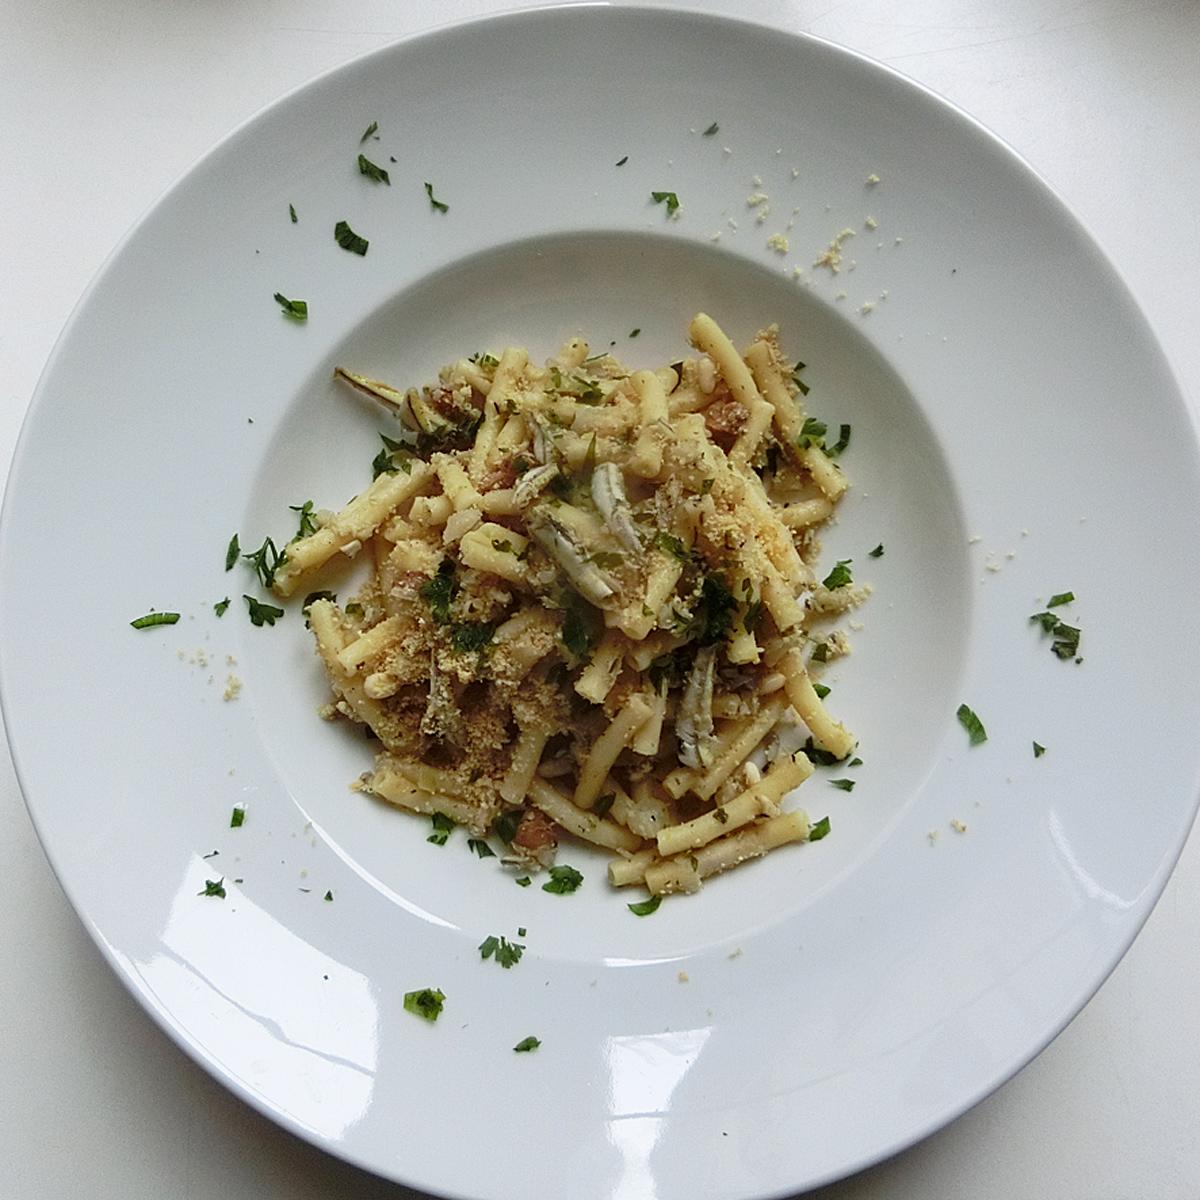 rezept pasta mit fenchel und fisch nudelgerichte lifestyle. Black Bedroom Furniture Sets. Home Design Ideas